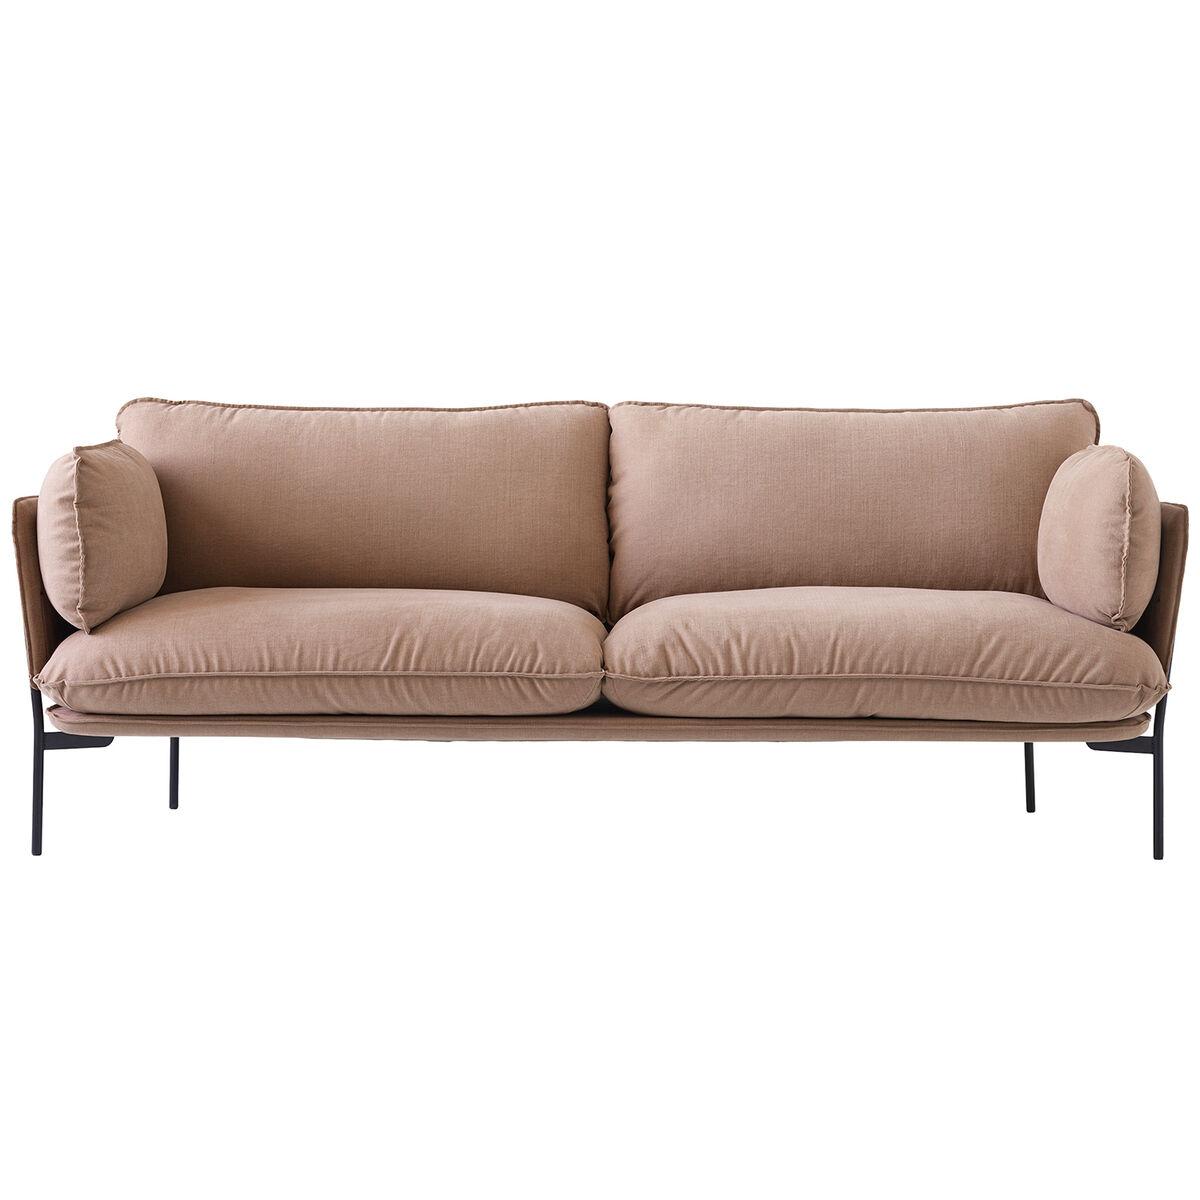 &Tradition Cloud LN3.2 sohva, 3-istuttava, Hot Madison 495